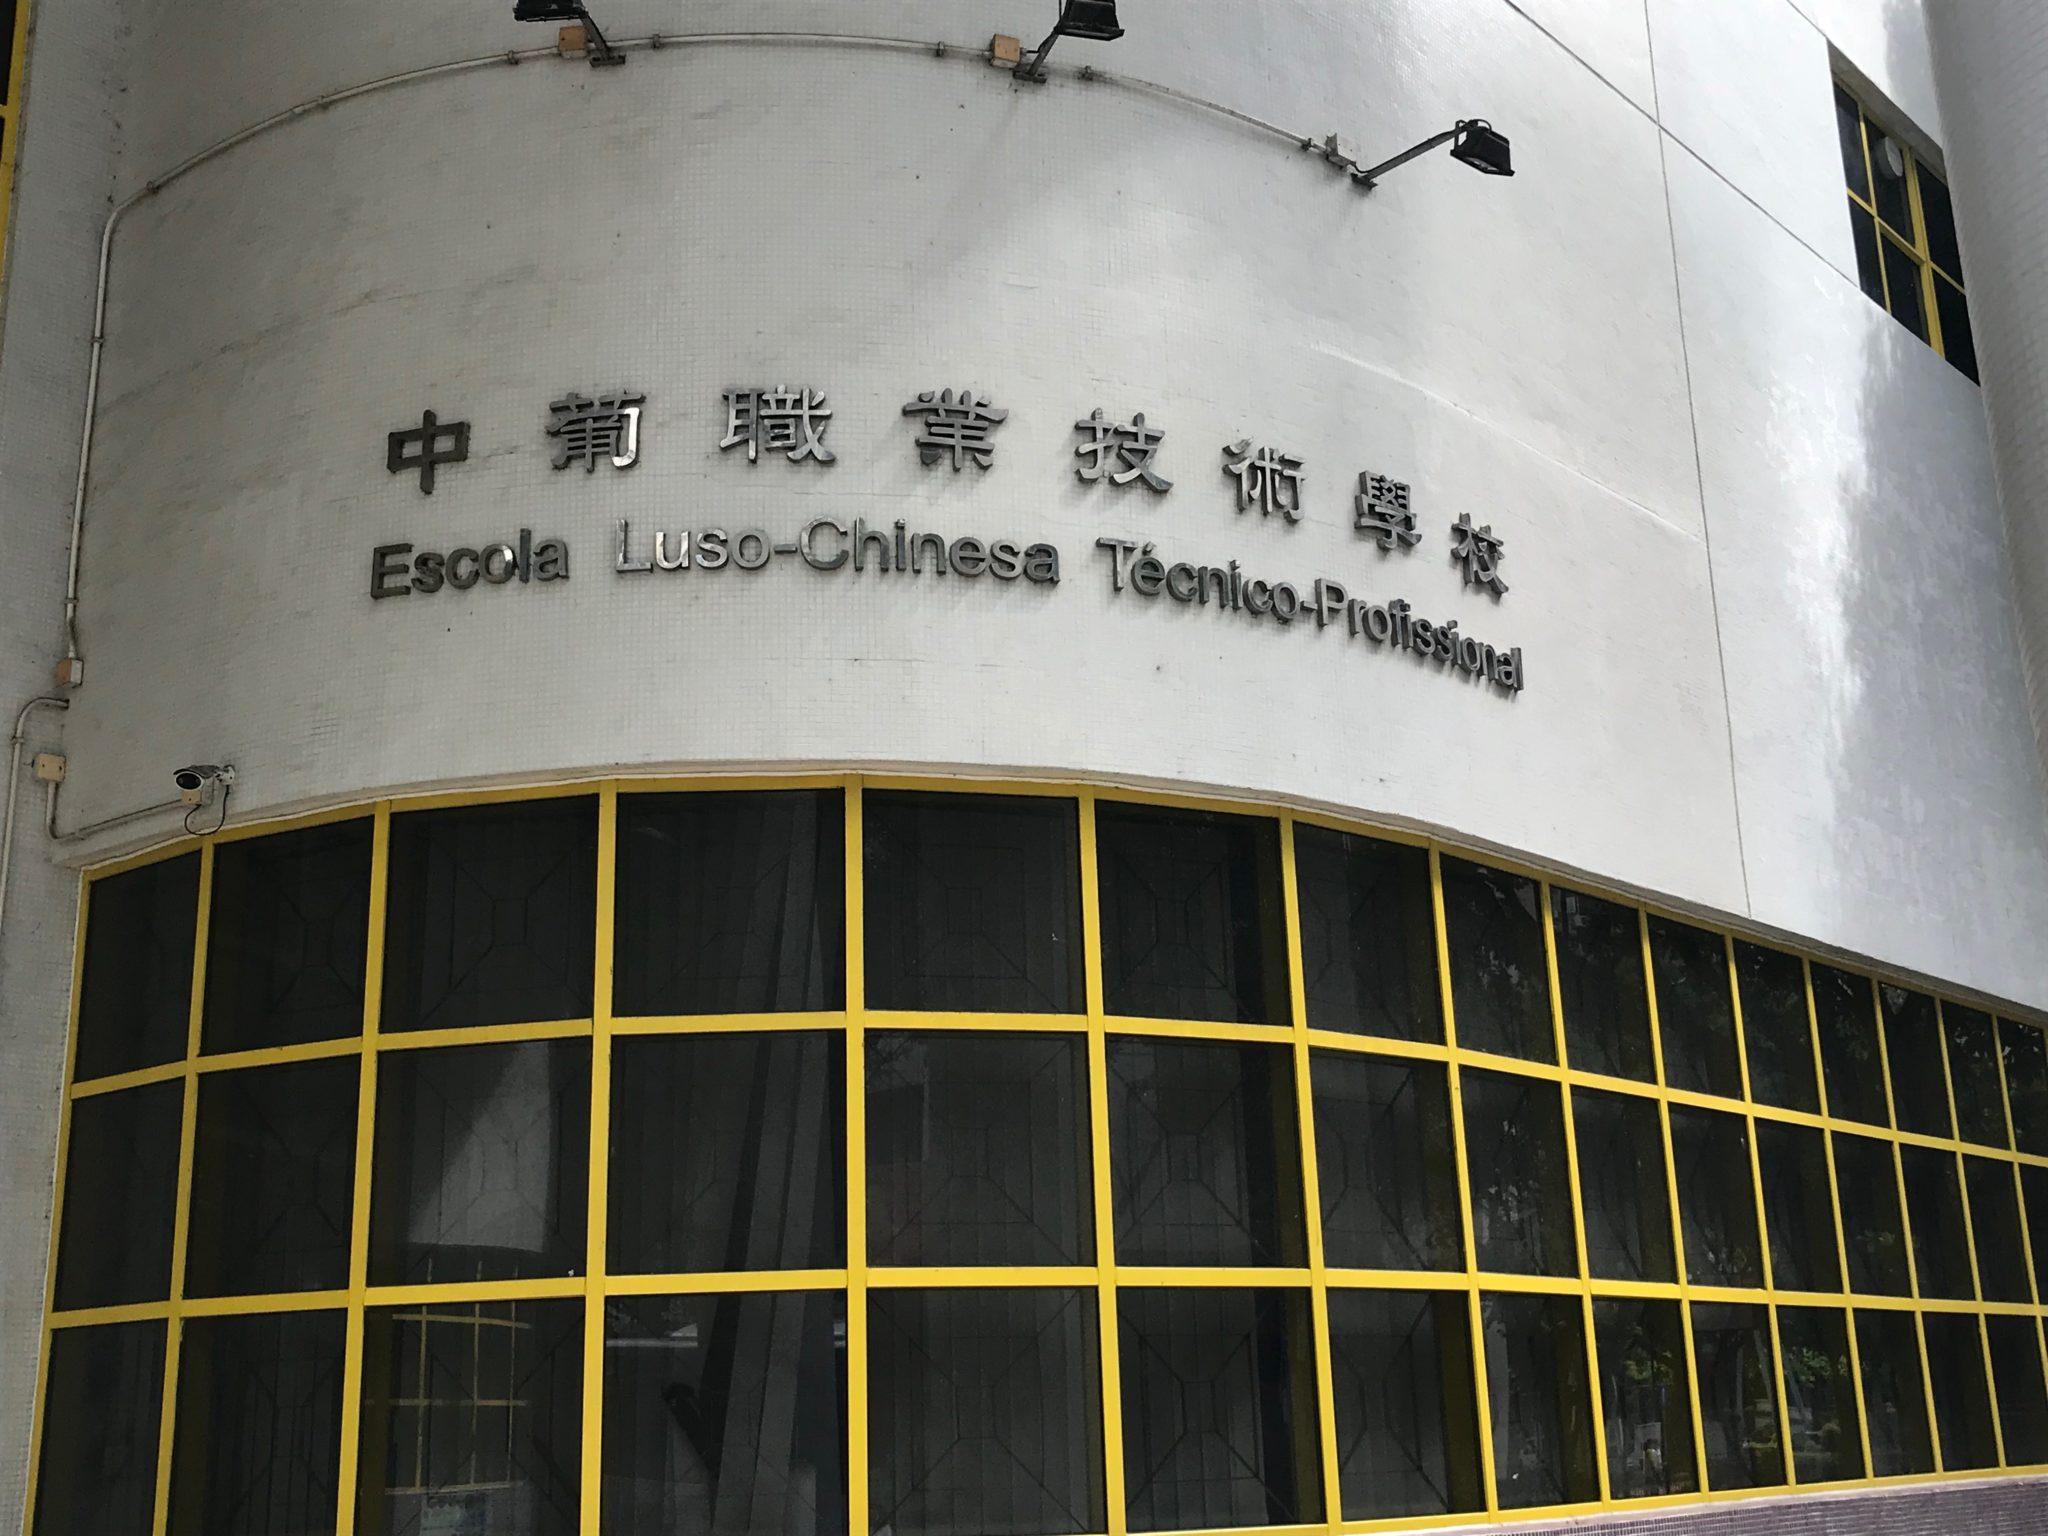 PJ investiga caso de bullying na Escola Luso Chinesa Técnico Profissional